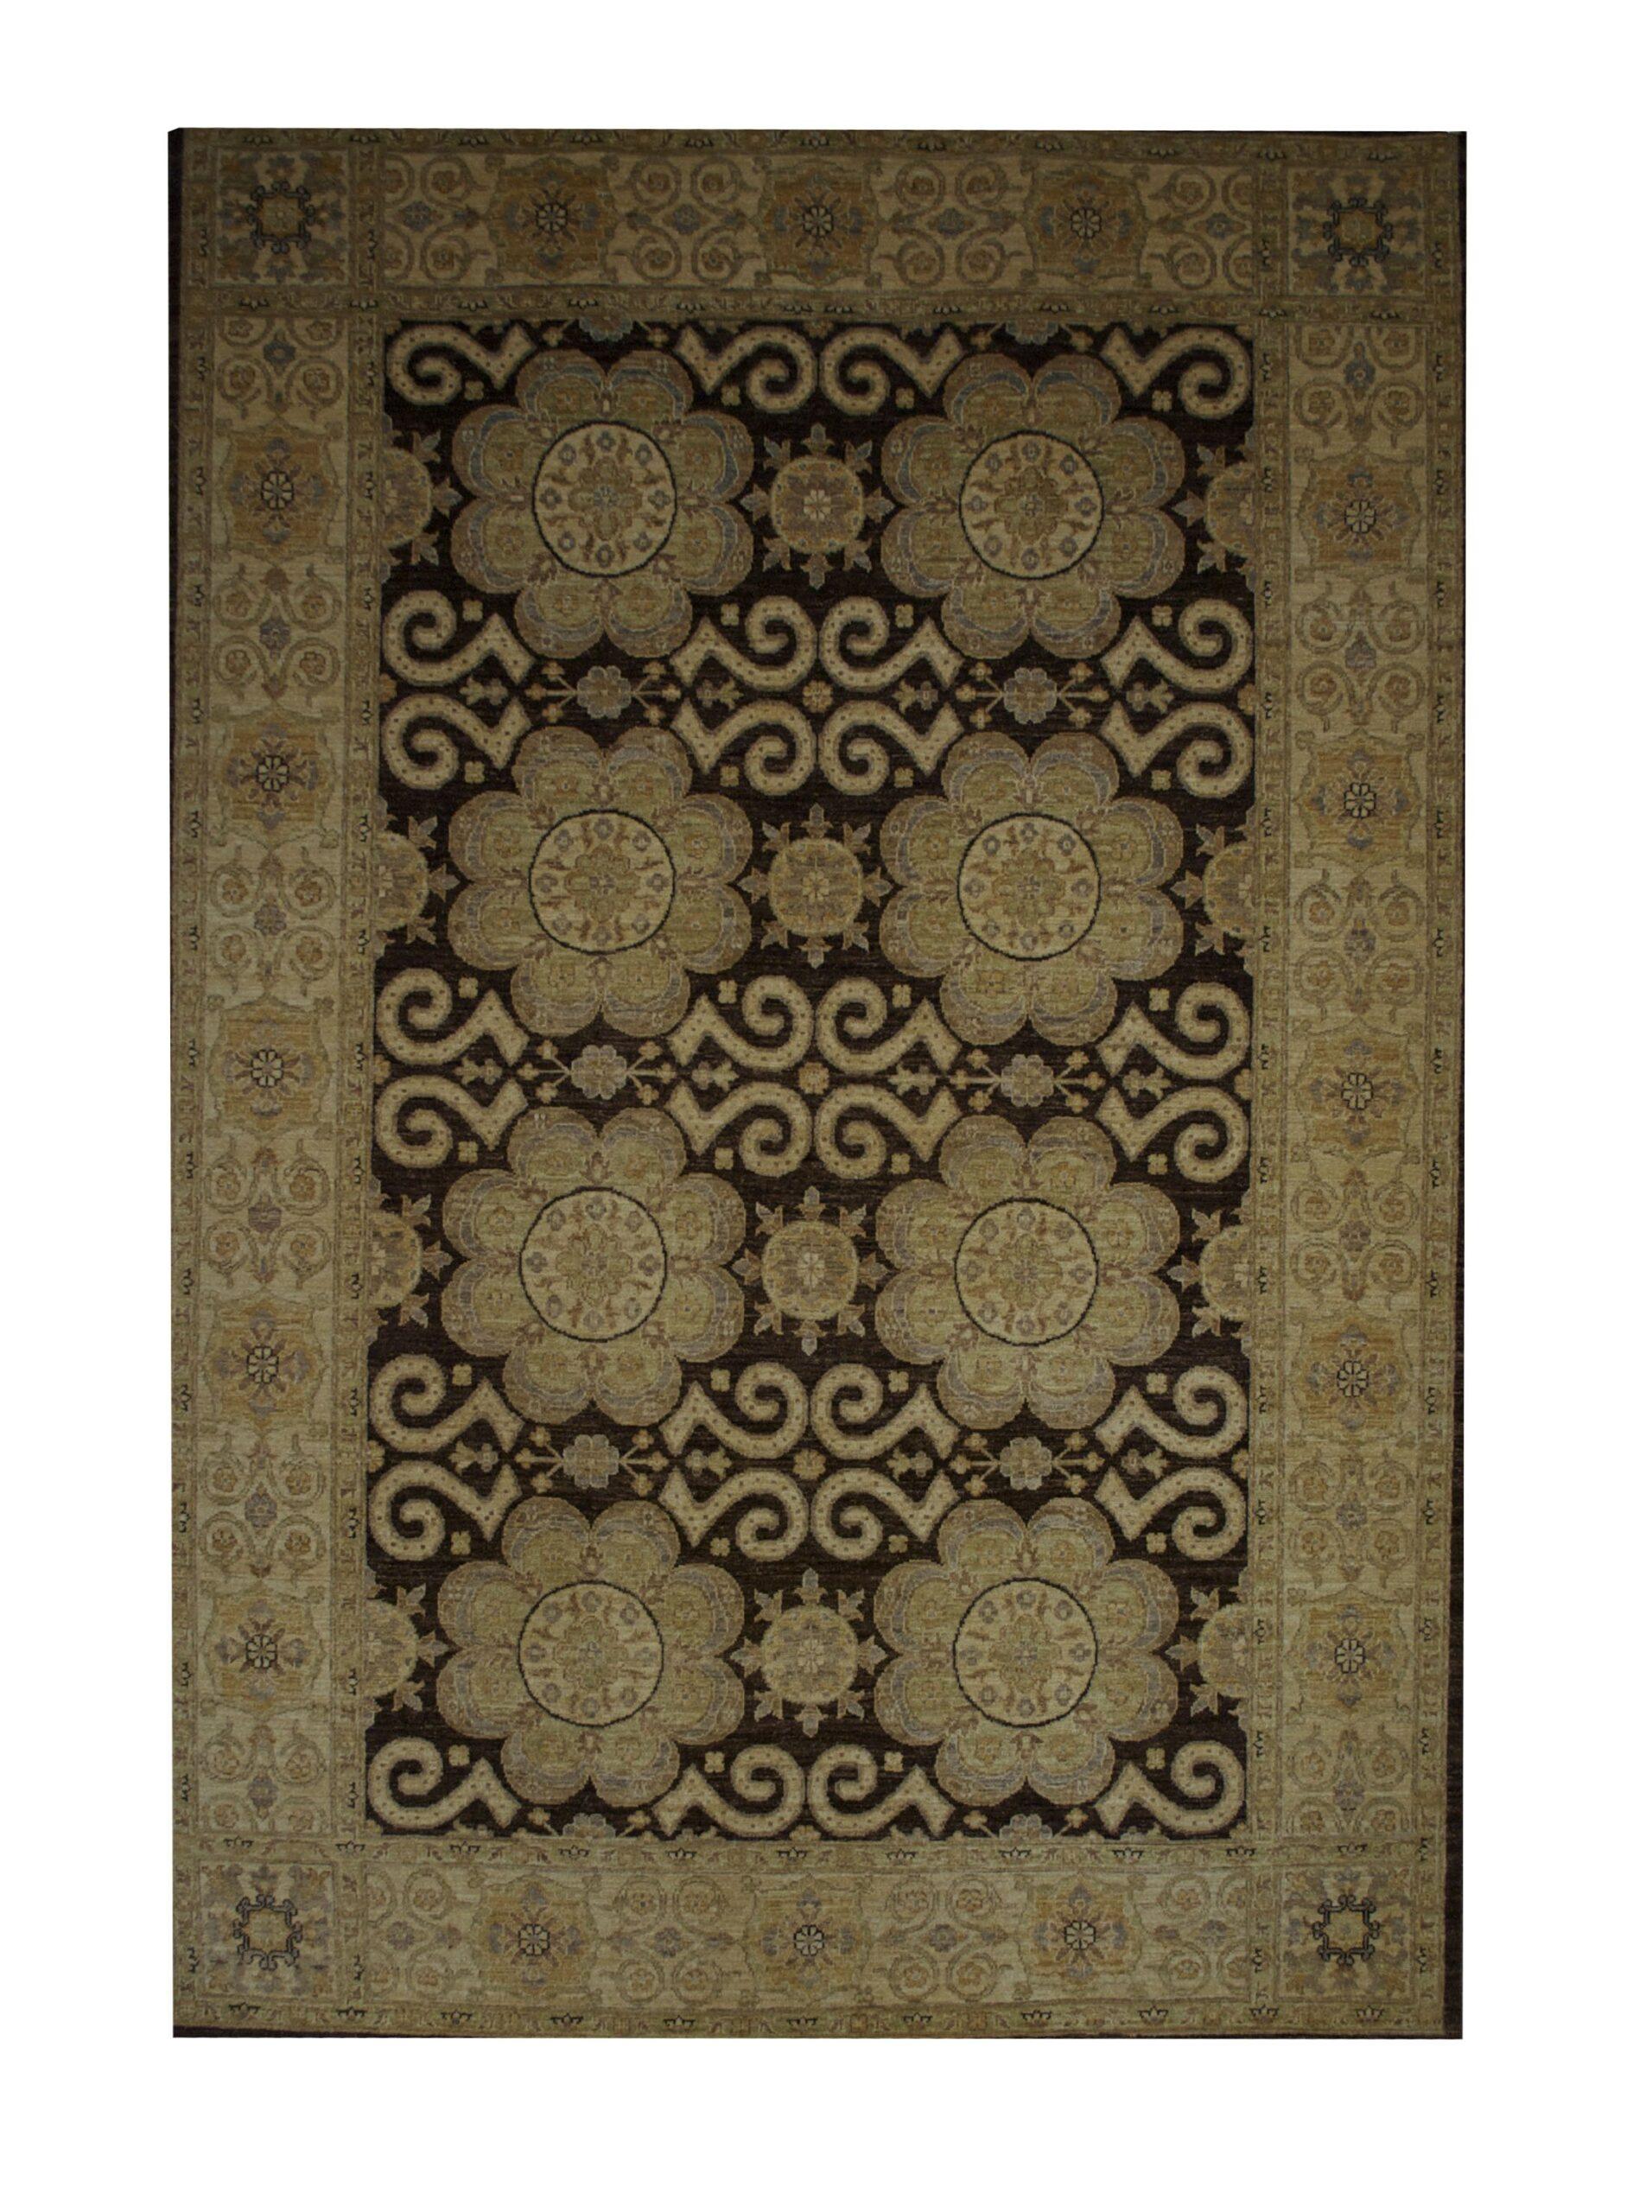 """Peshawar 5' 9"""" x 8' 5"""" Handmade Area Rug - Shabahang Royal Carpet"""